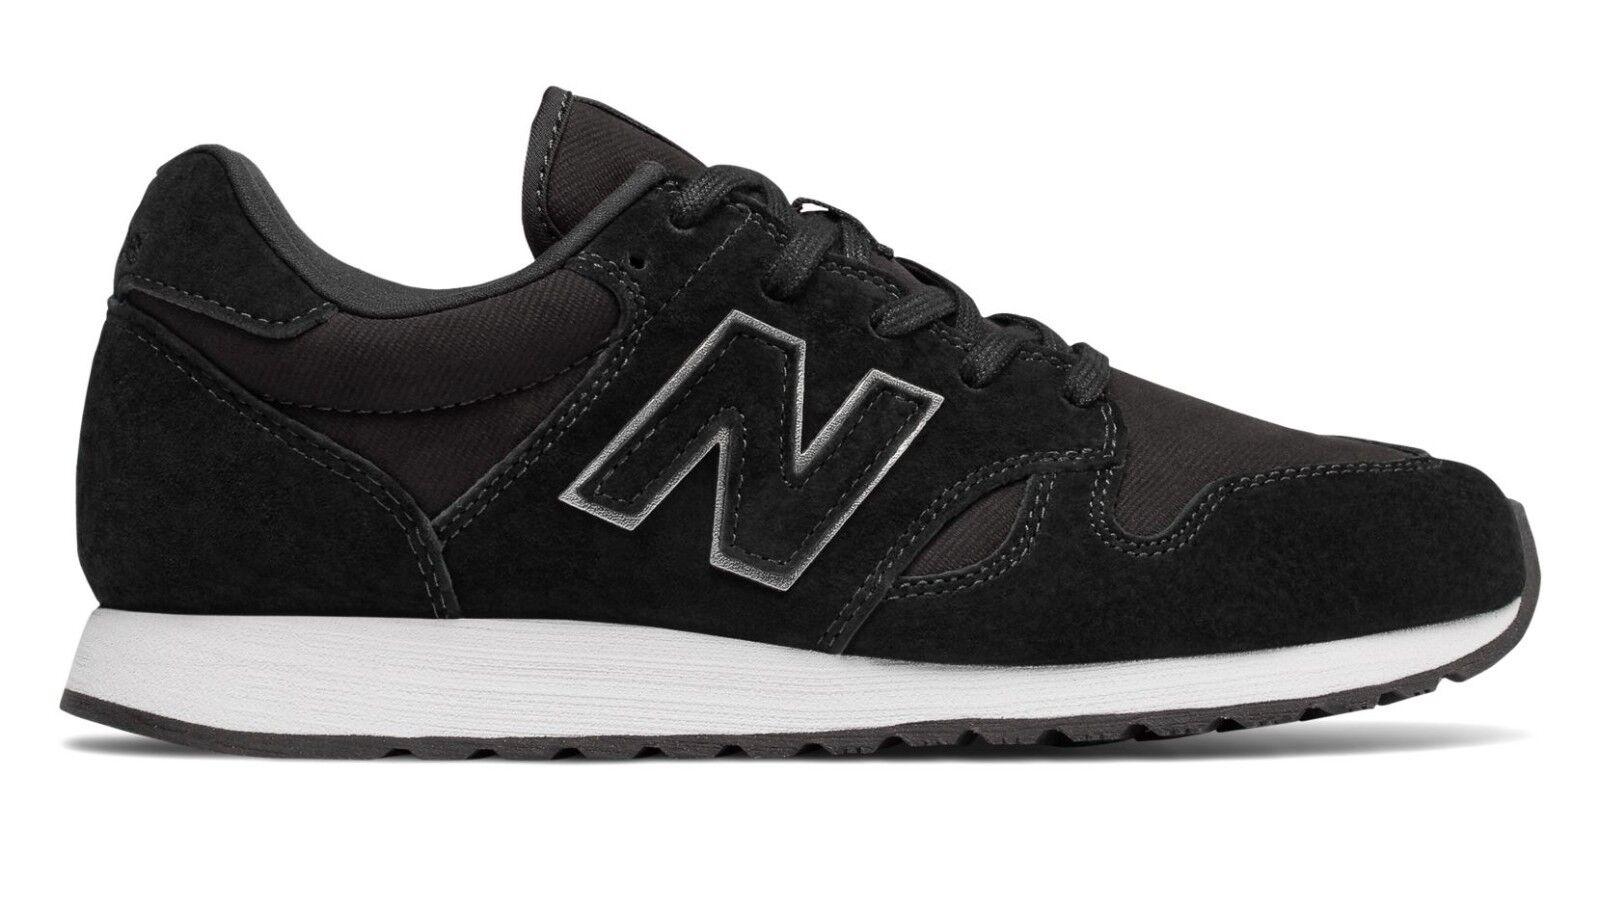 New Balance 520 Noir Chaussure Femmes Noir Chaussures de Sport Wl520rk Casual